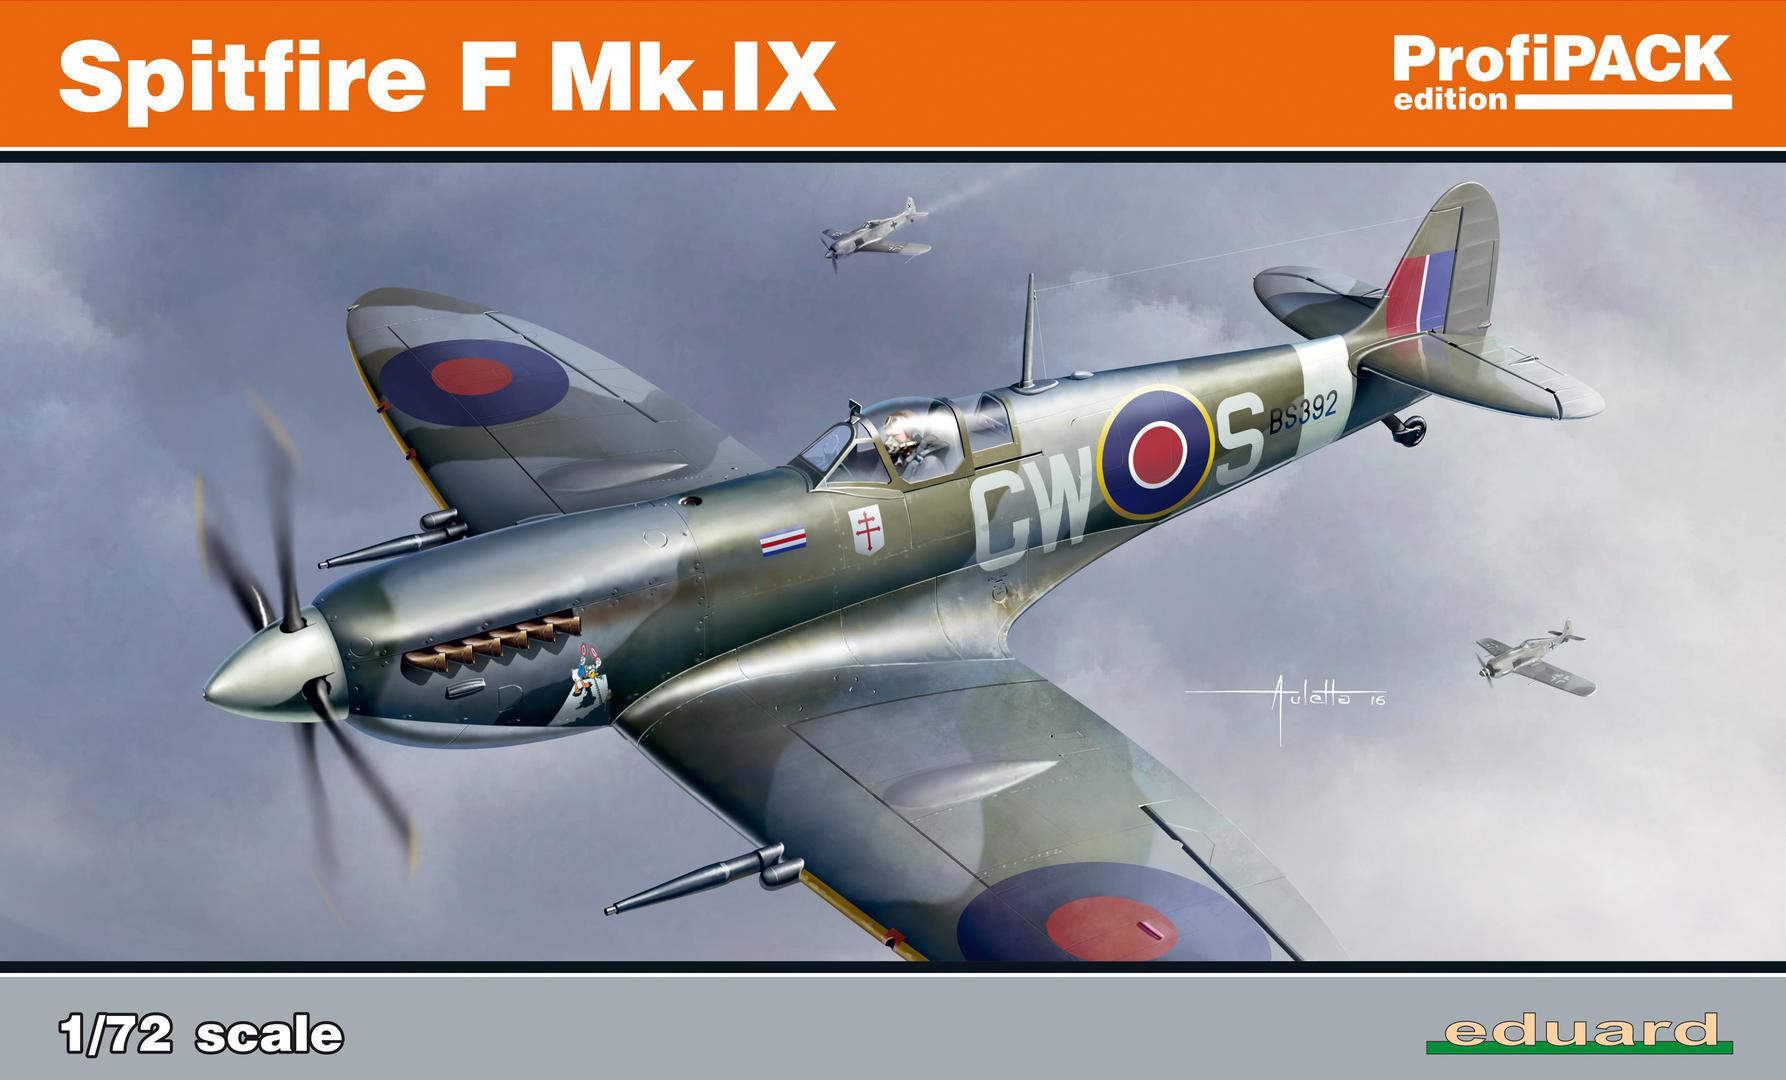 スーパーマリン スピットファイア F Mk.IX プロフィパック